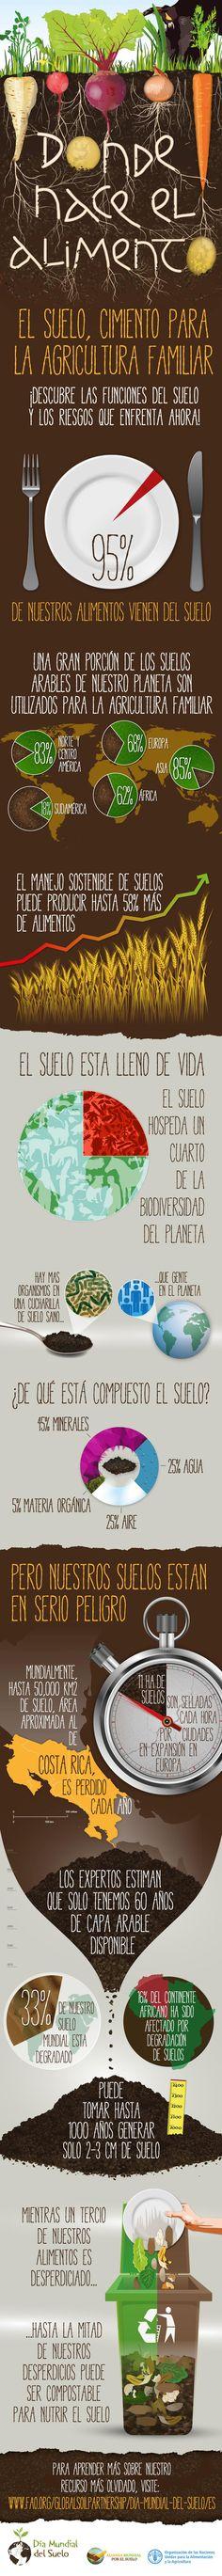 Día Internacional de la Conservación del Suelo, el sustento de la vida